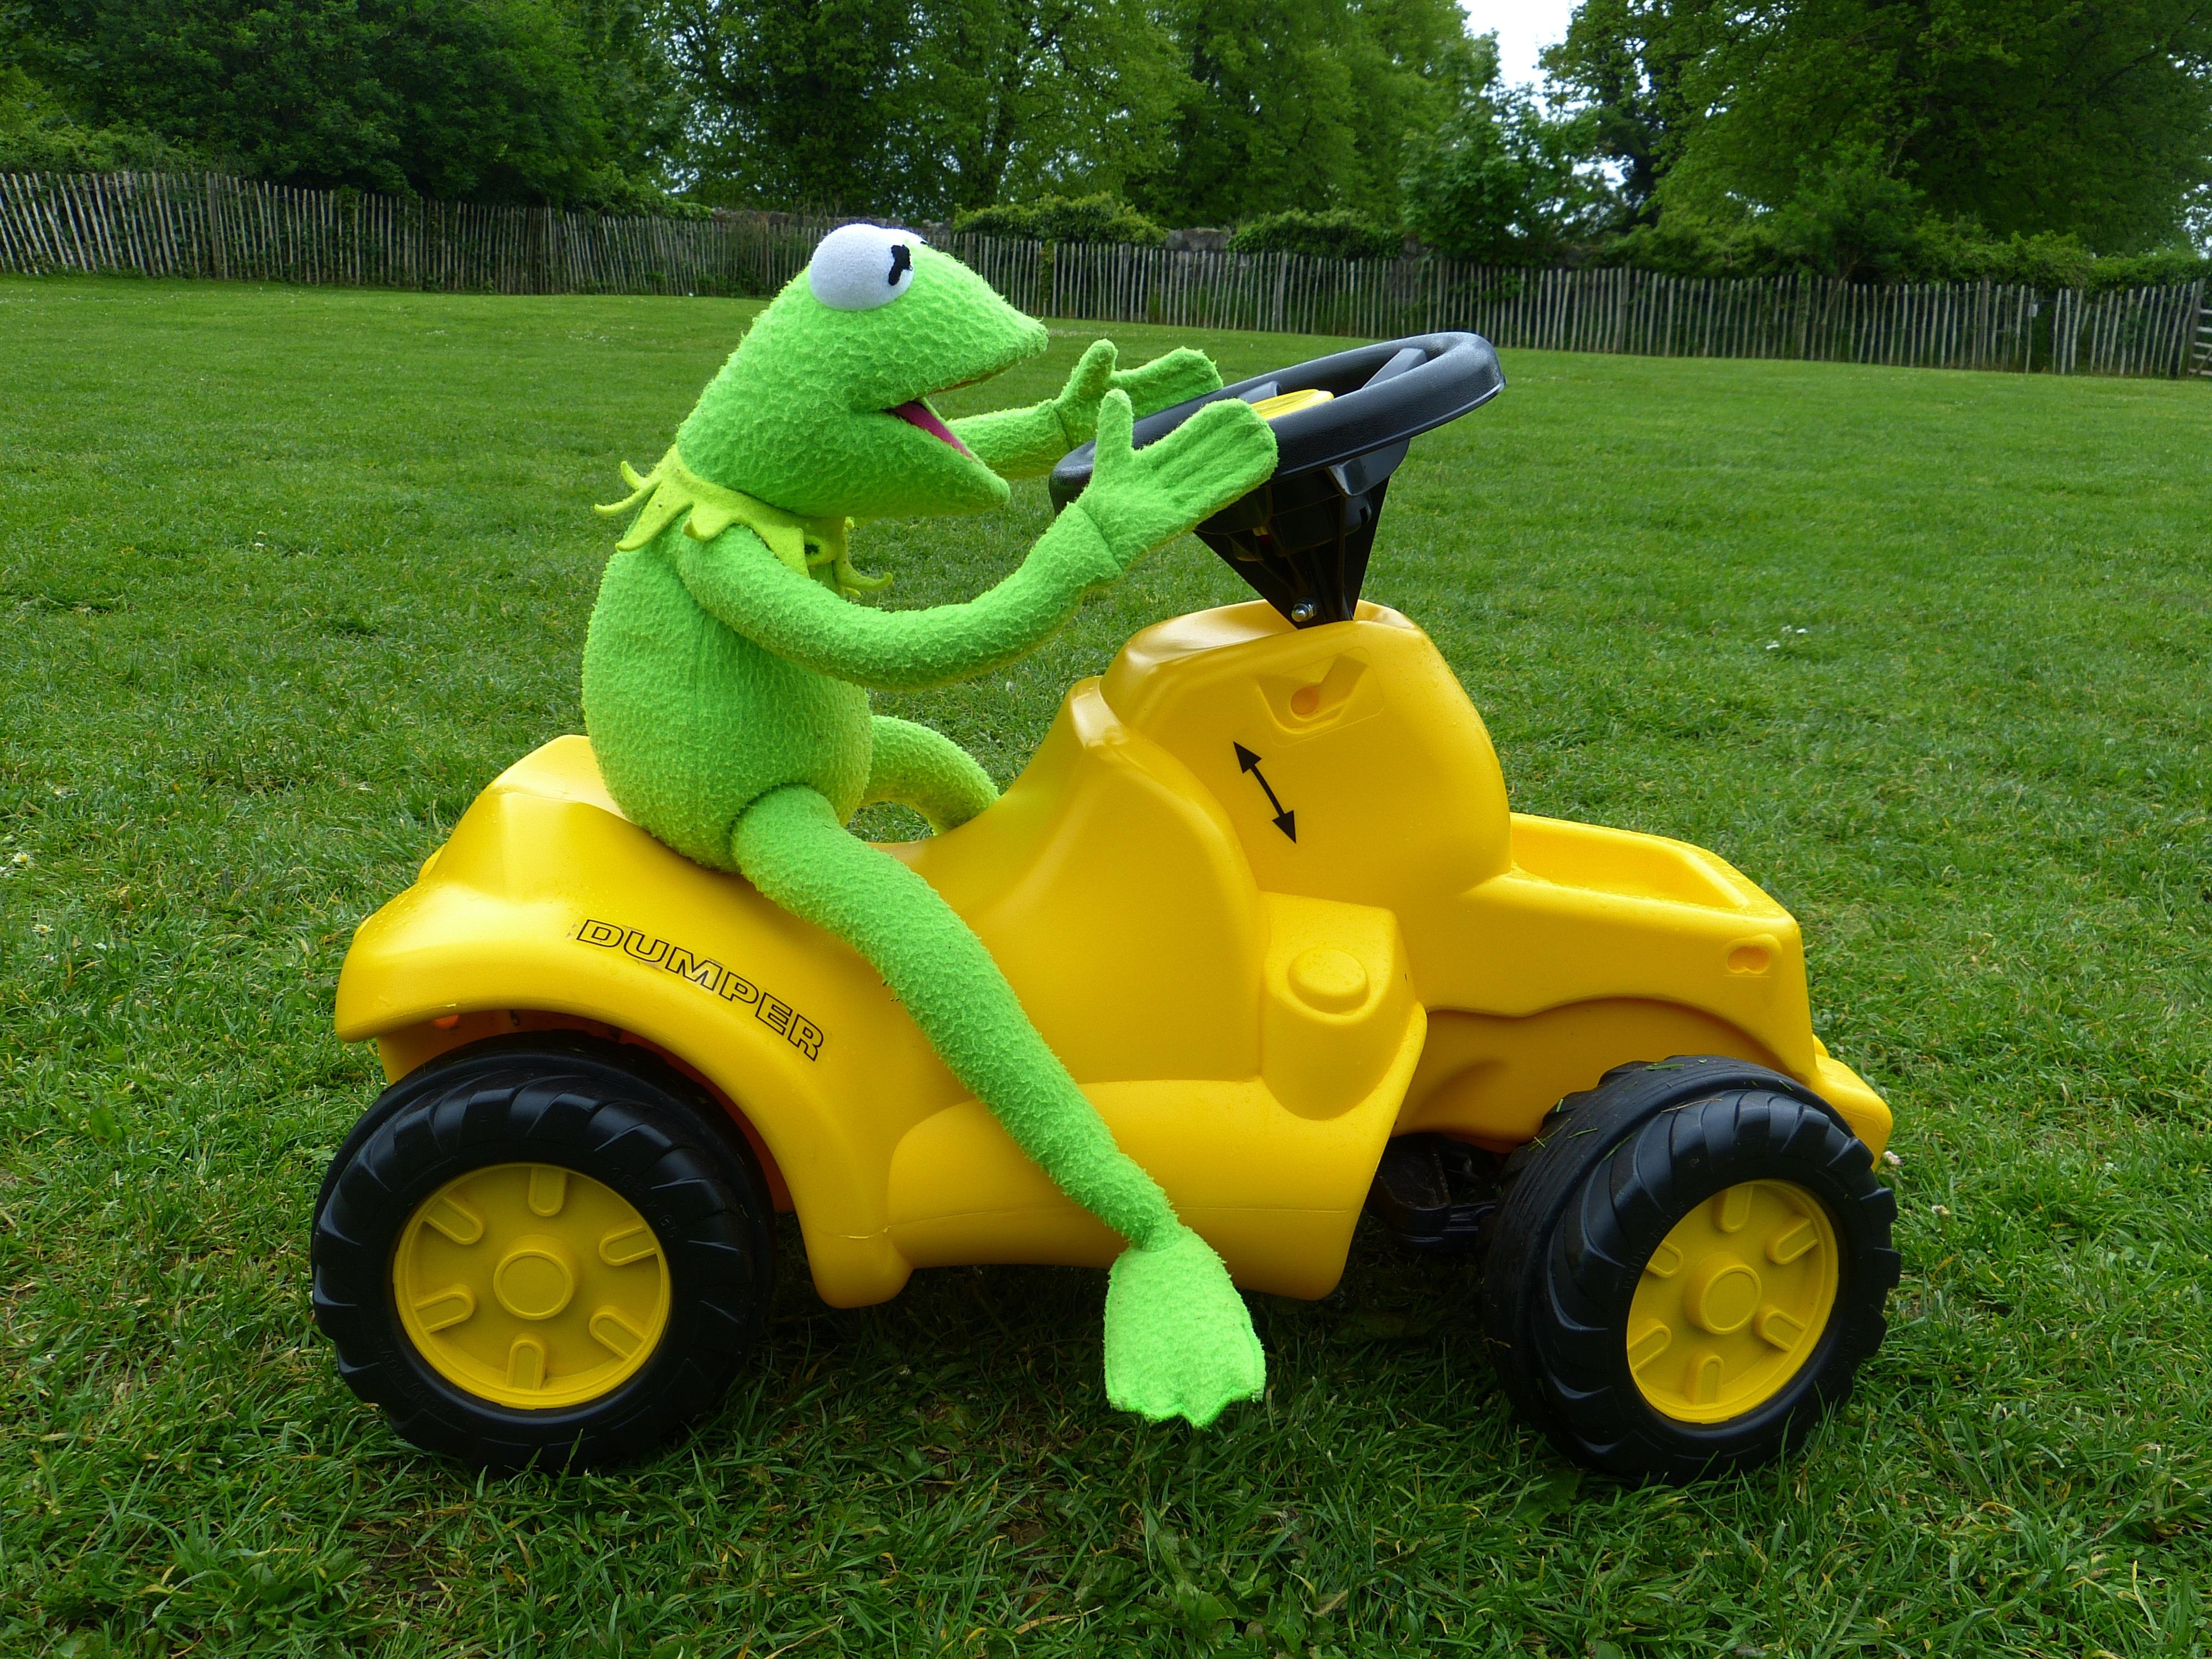 En kermitgroda på en gul leksaksbil.